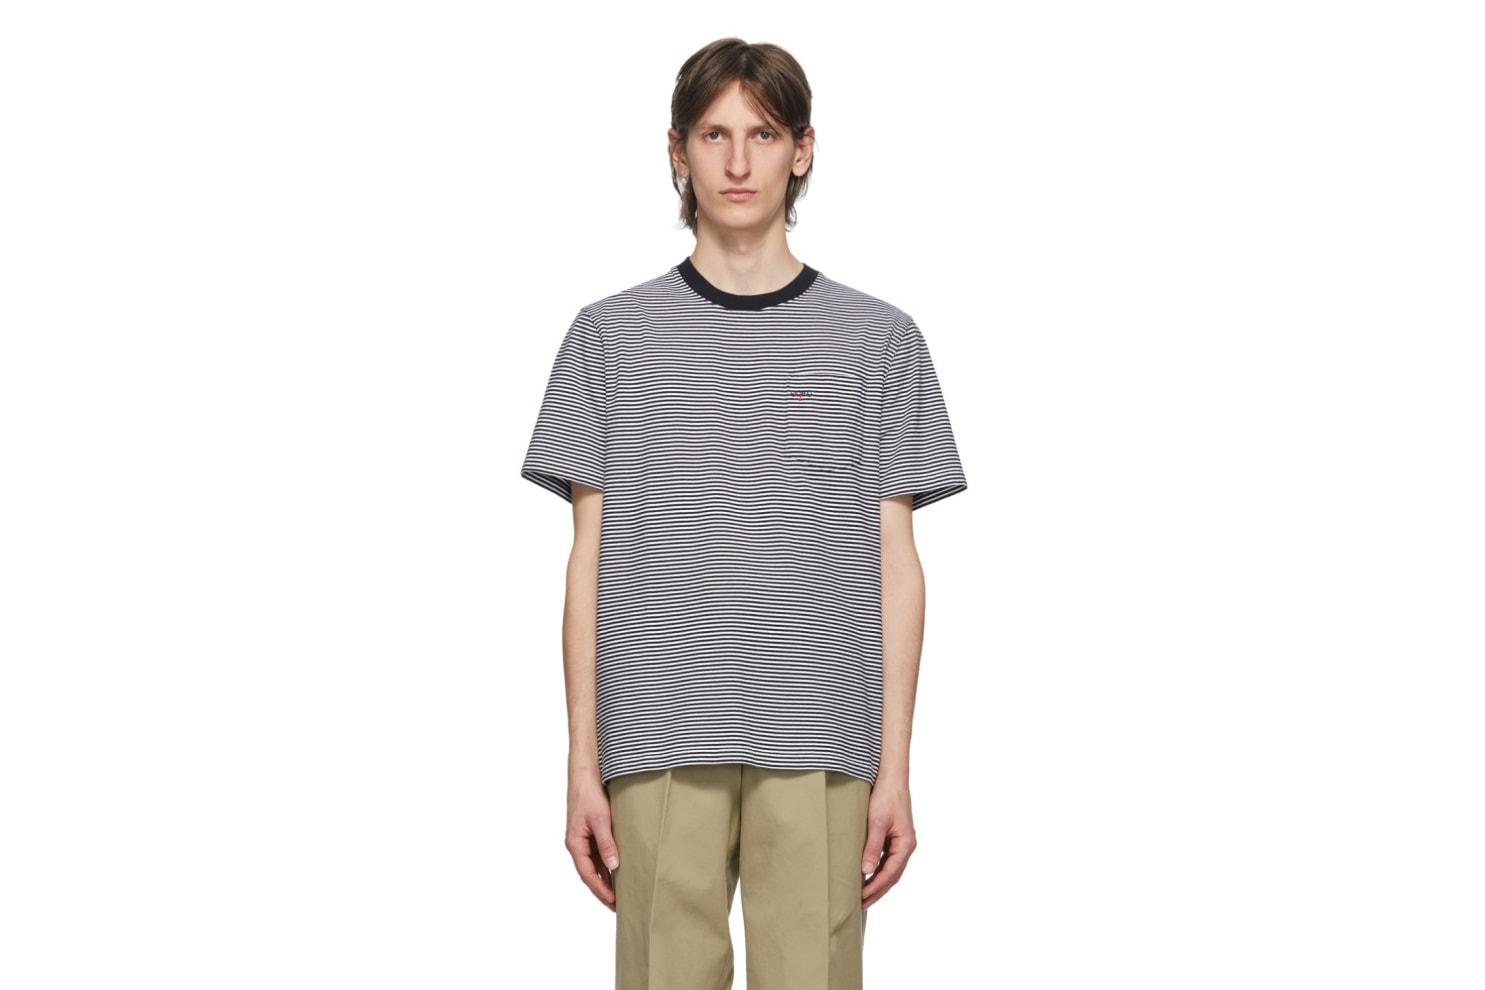 本日嚴選 10 件口袋 T 恤入手推介